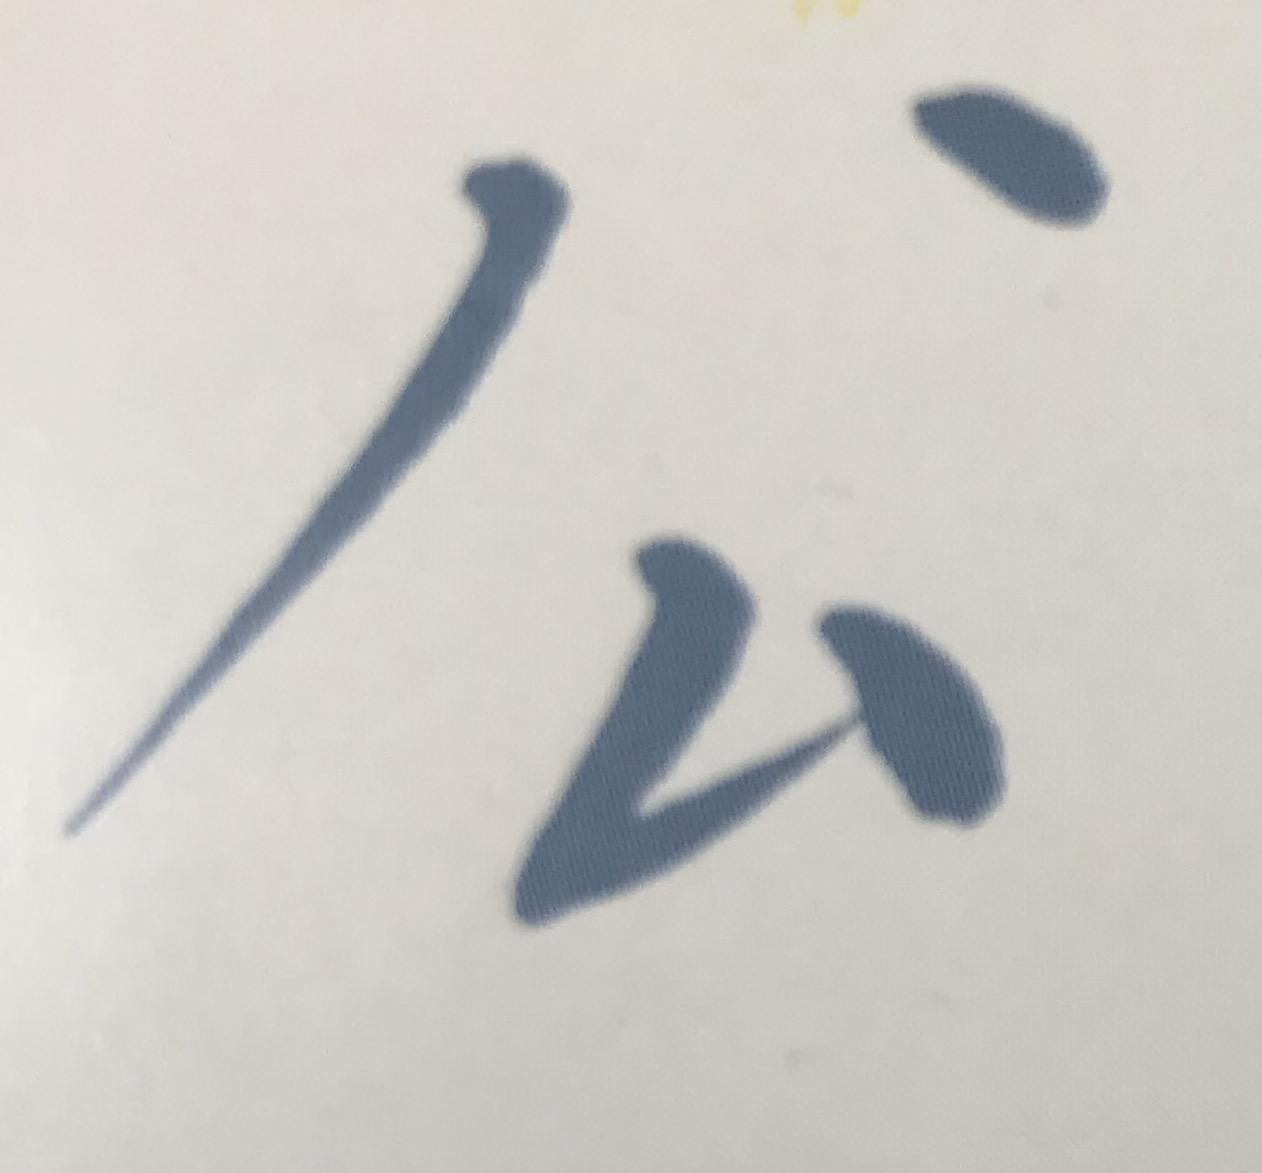 明治維新はどのように日本社会を変えたのか?